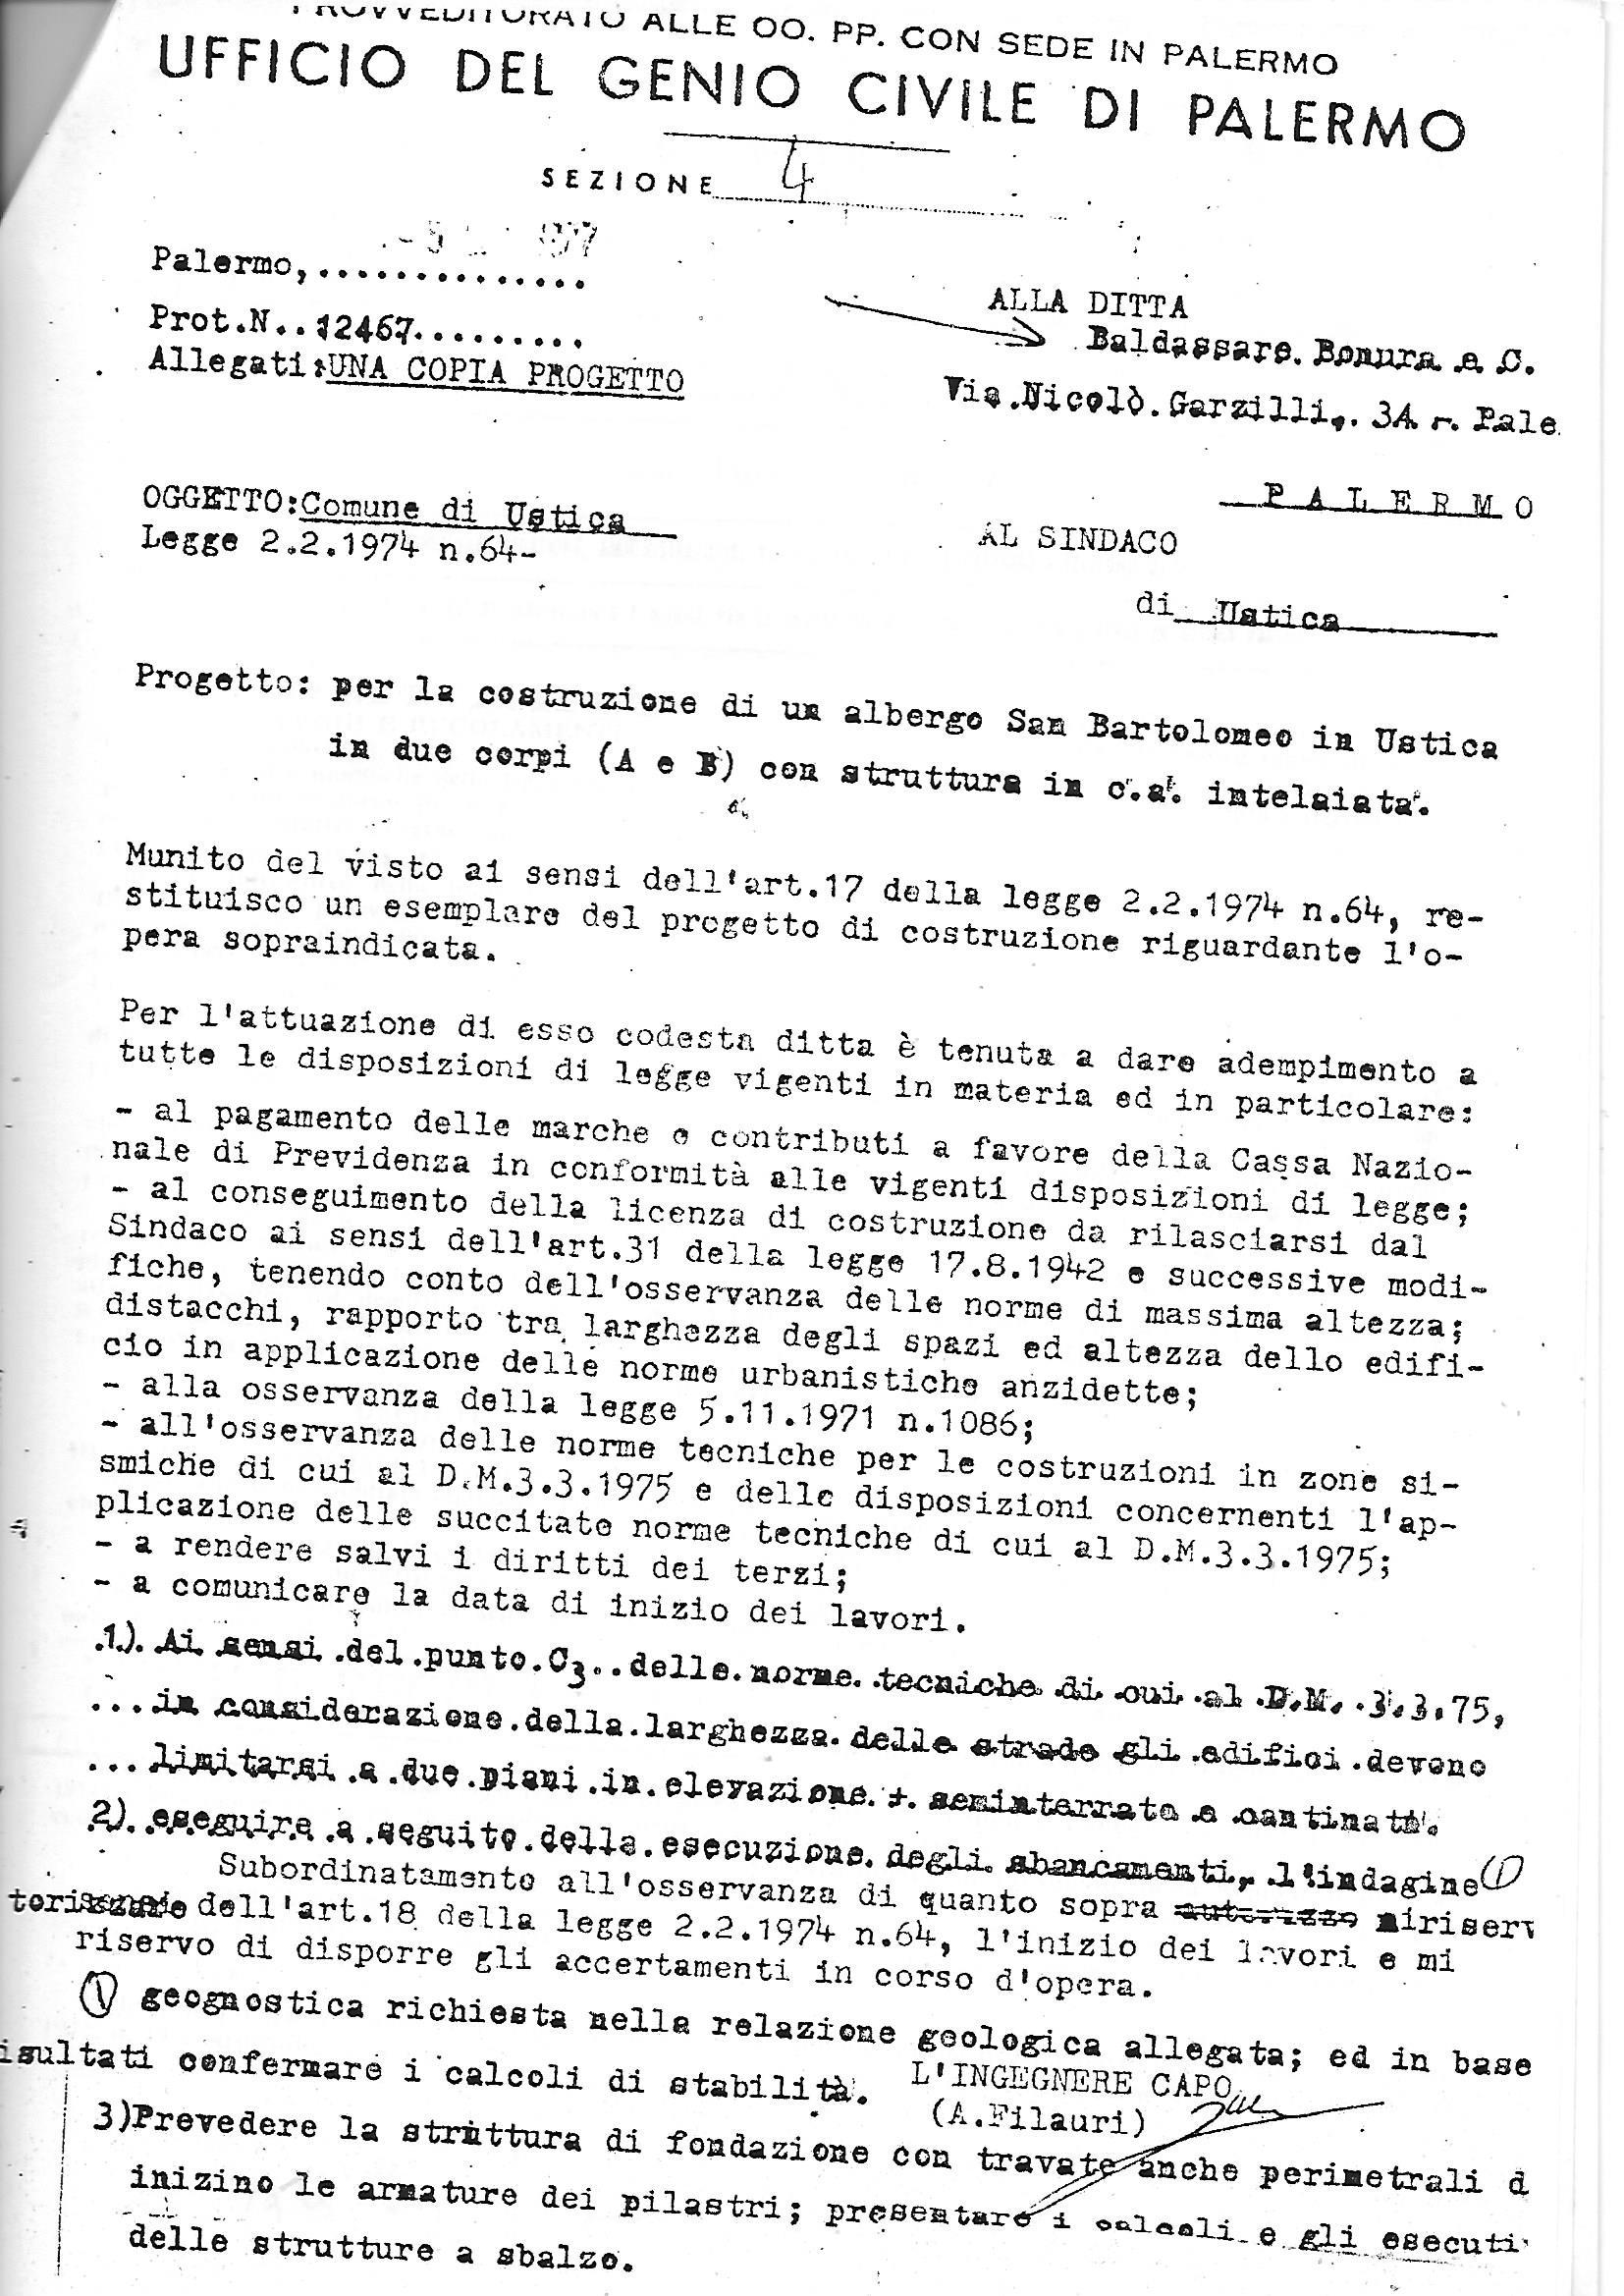 AVV MELI richiesta annullamento in autotela dell' ORDINANZA 22 1981